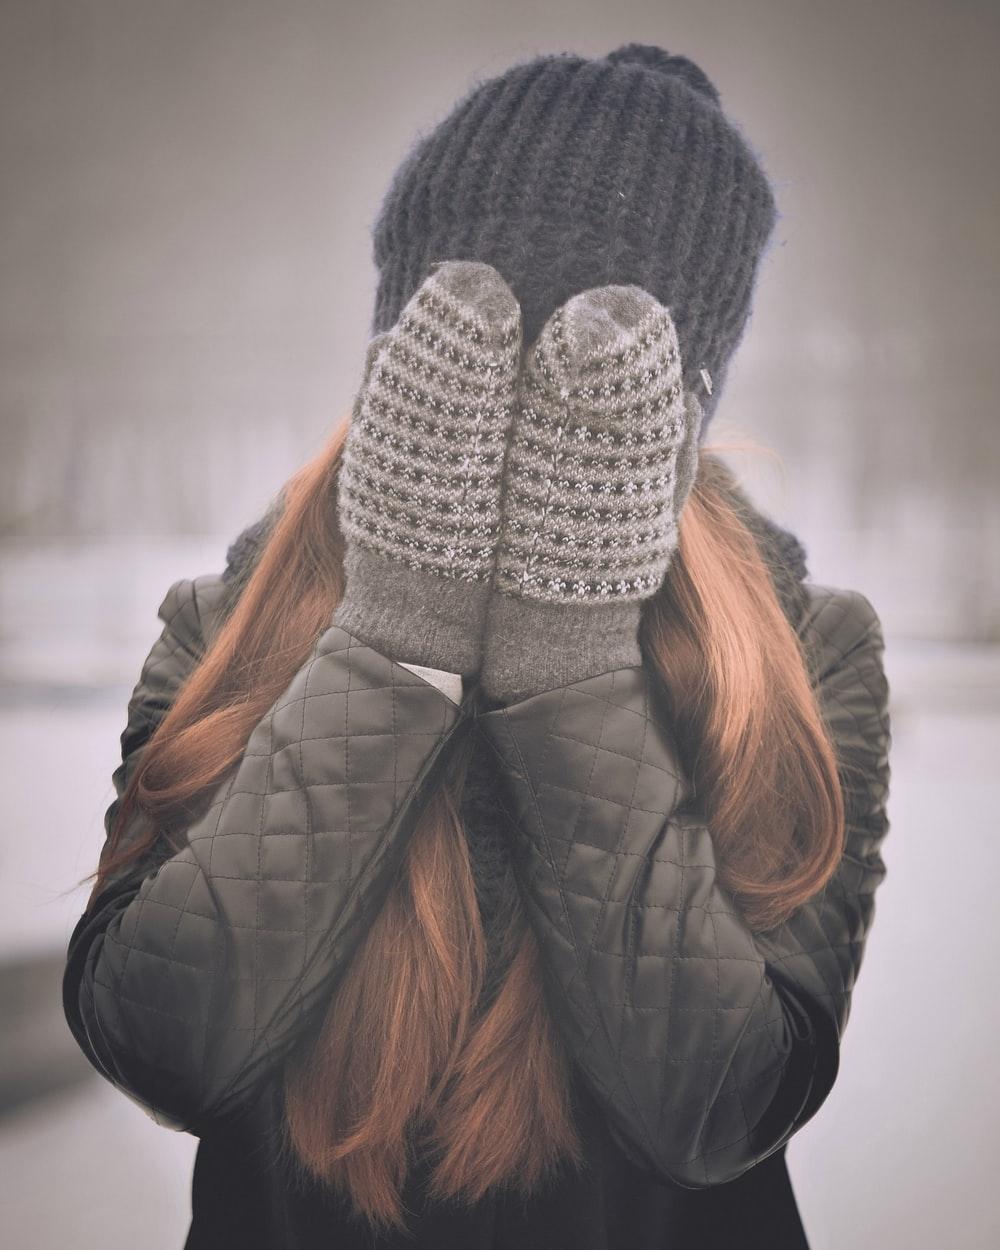 肌寒く、体温を求めているとき